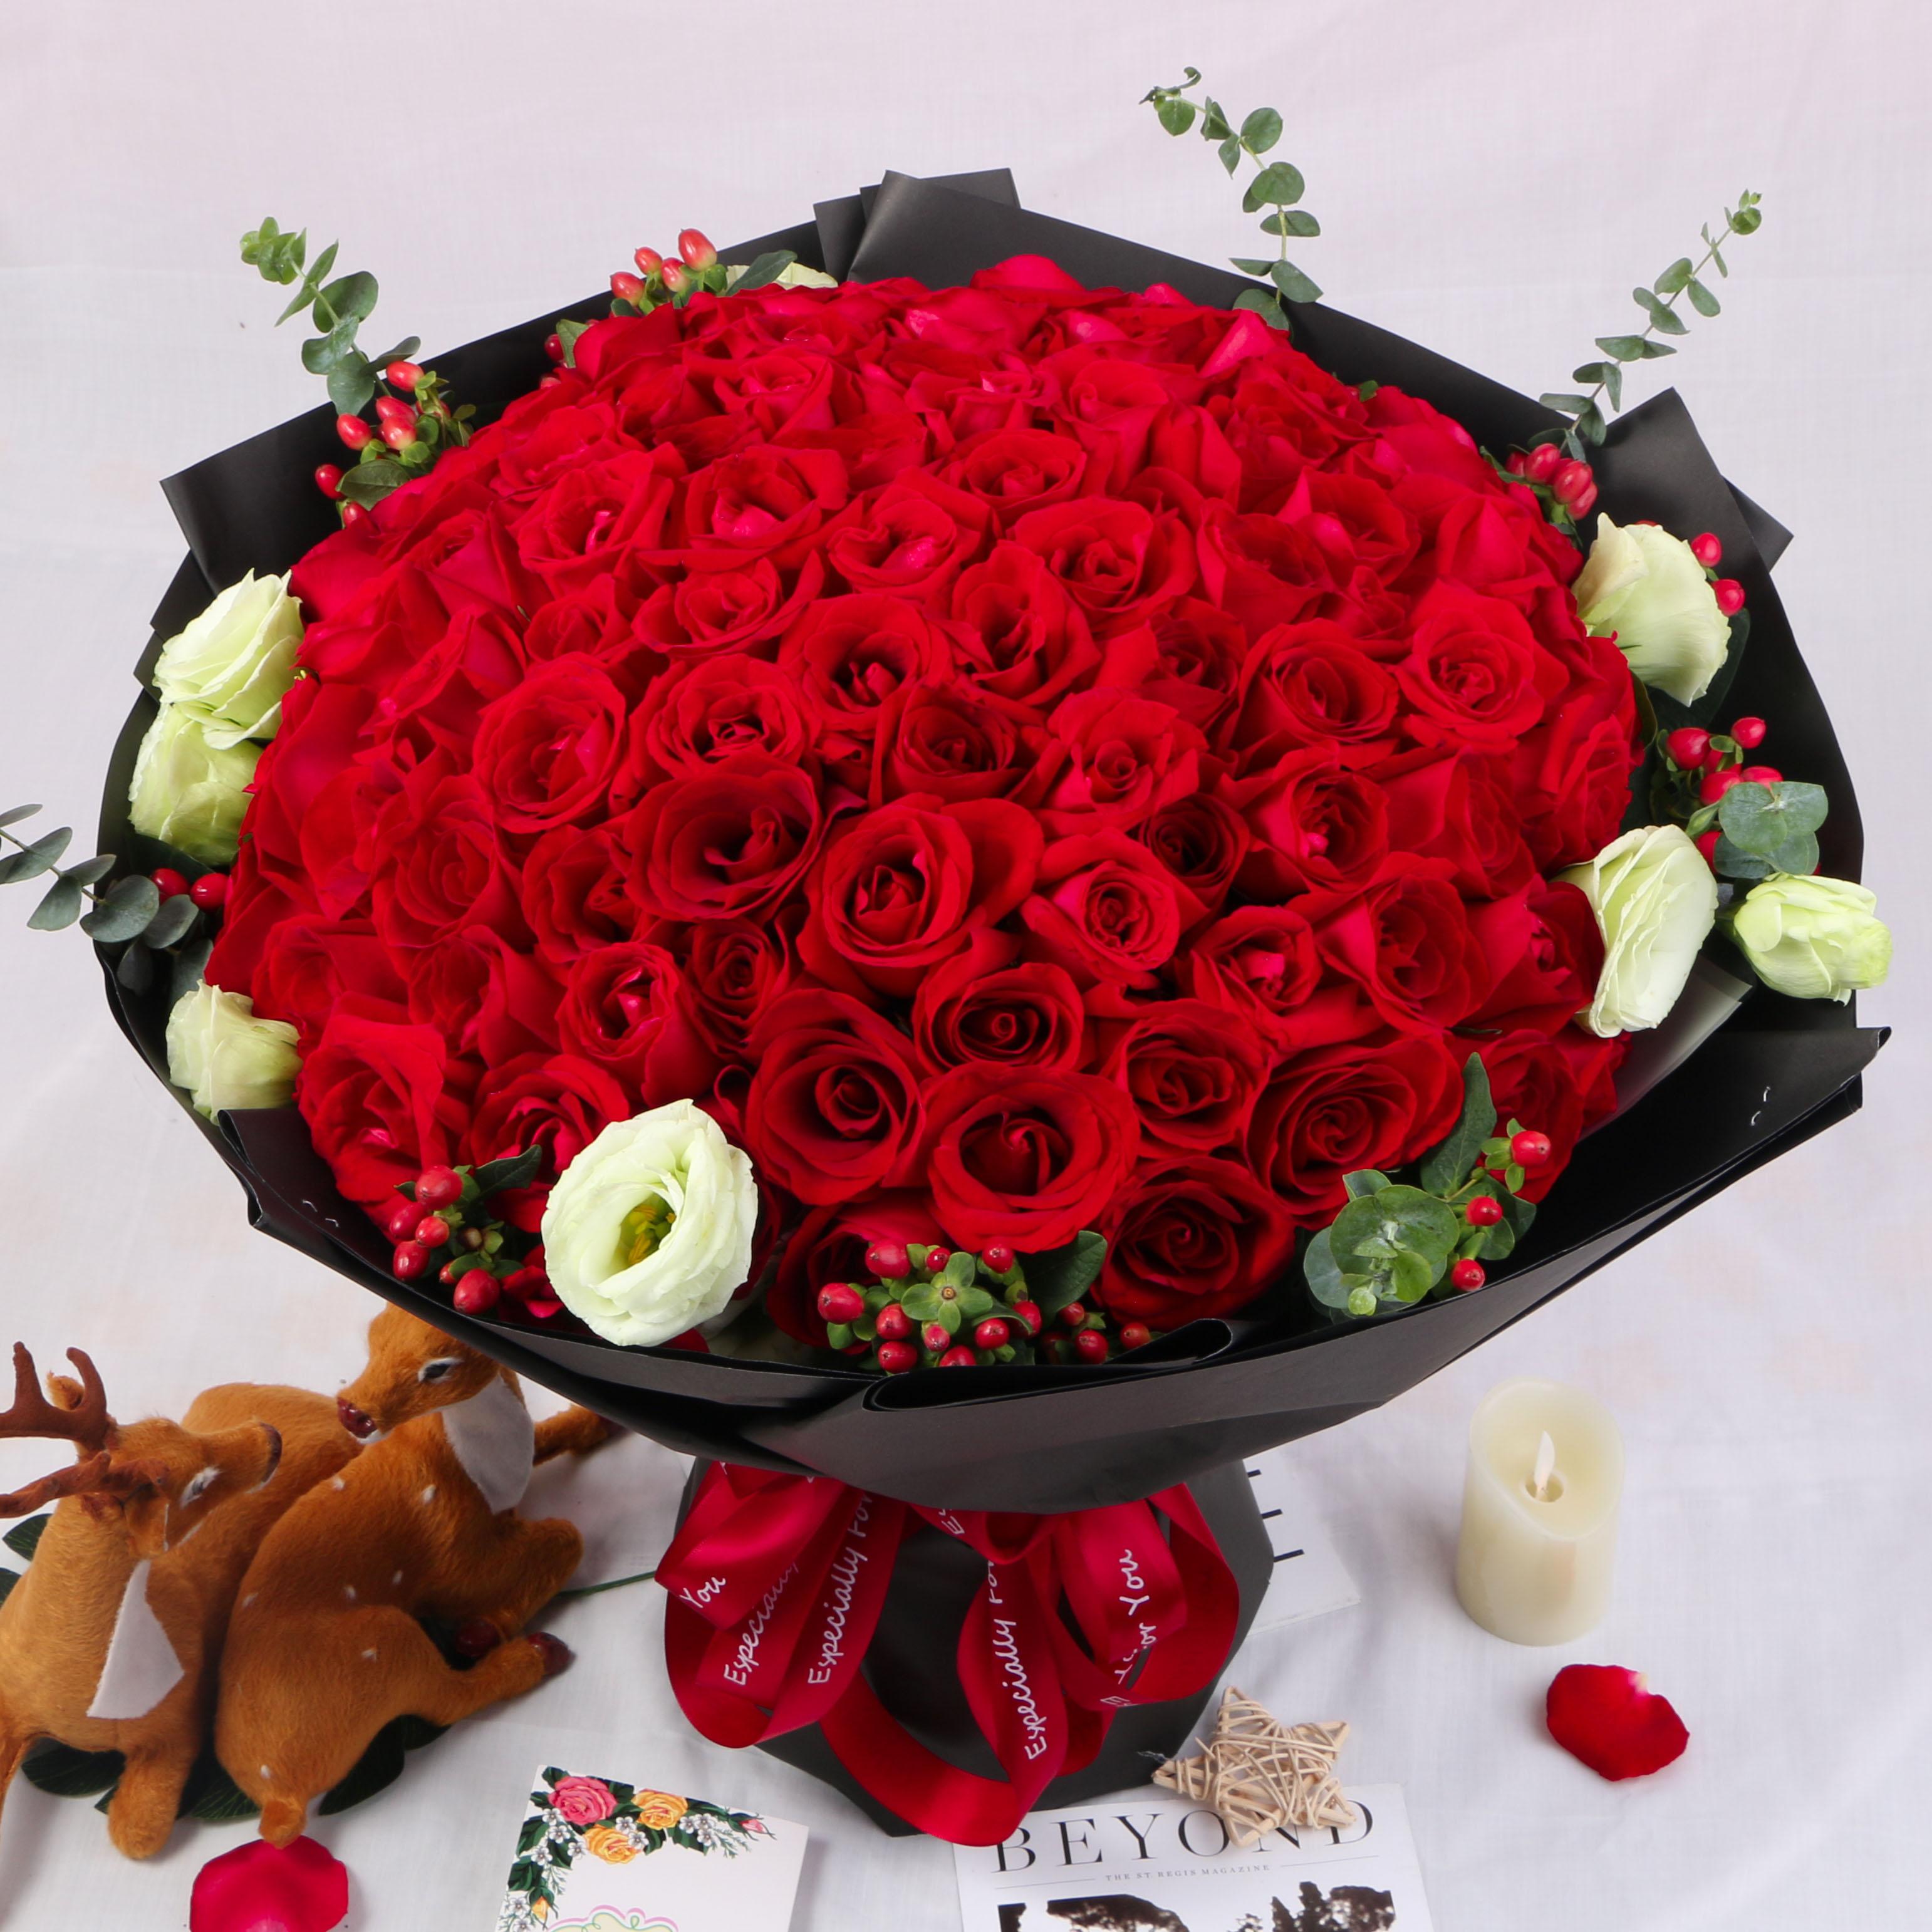 99朵红粉白玫瑰黑纱花束深圳同城鲜花速递广州鲜花店求婚生日送花图片